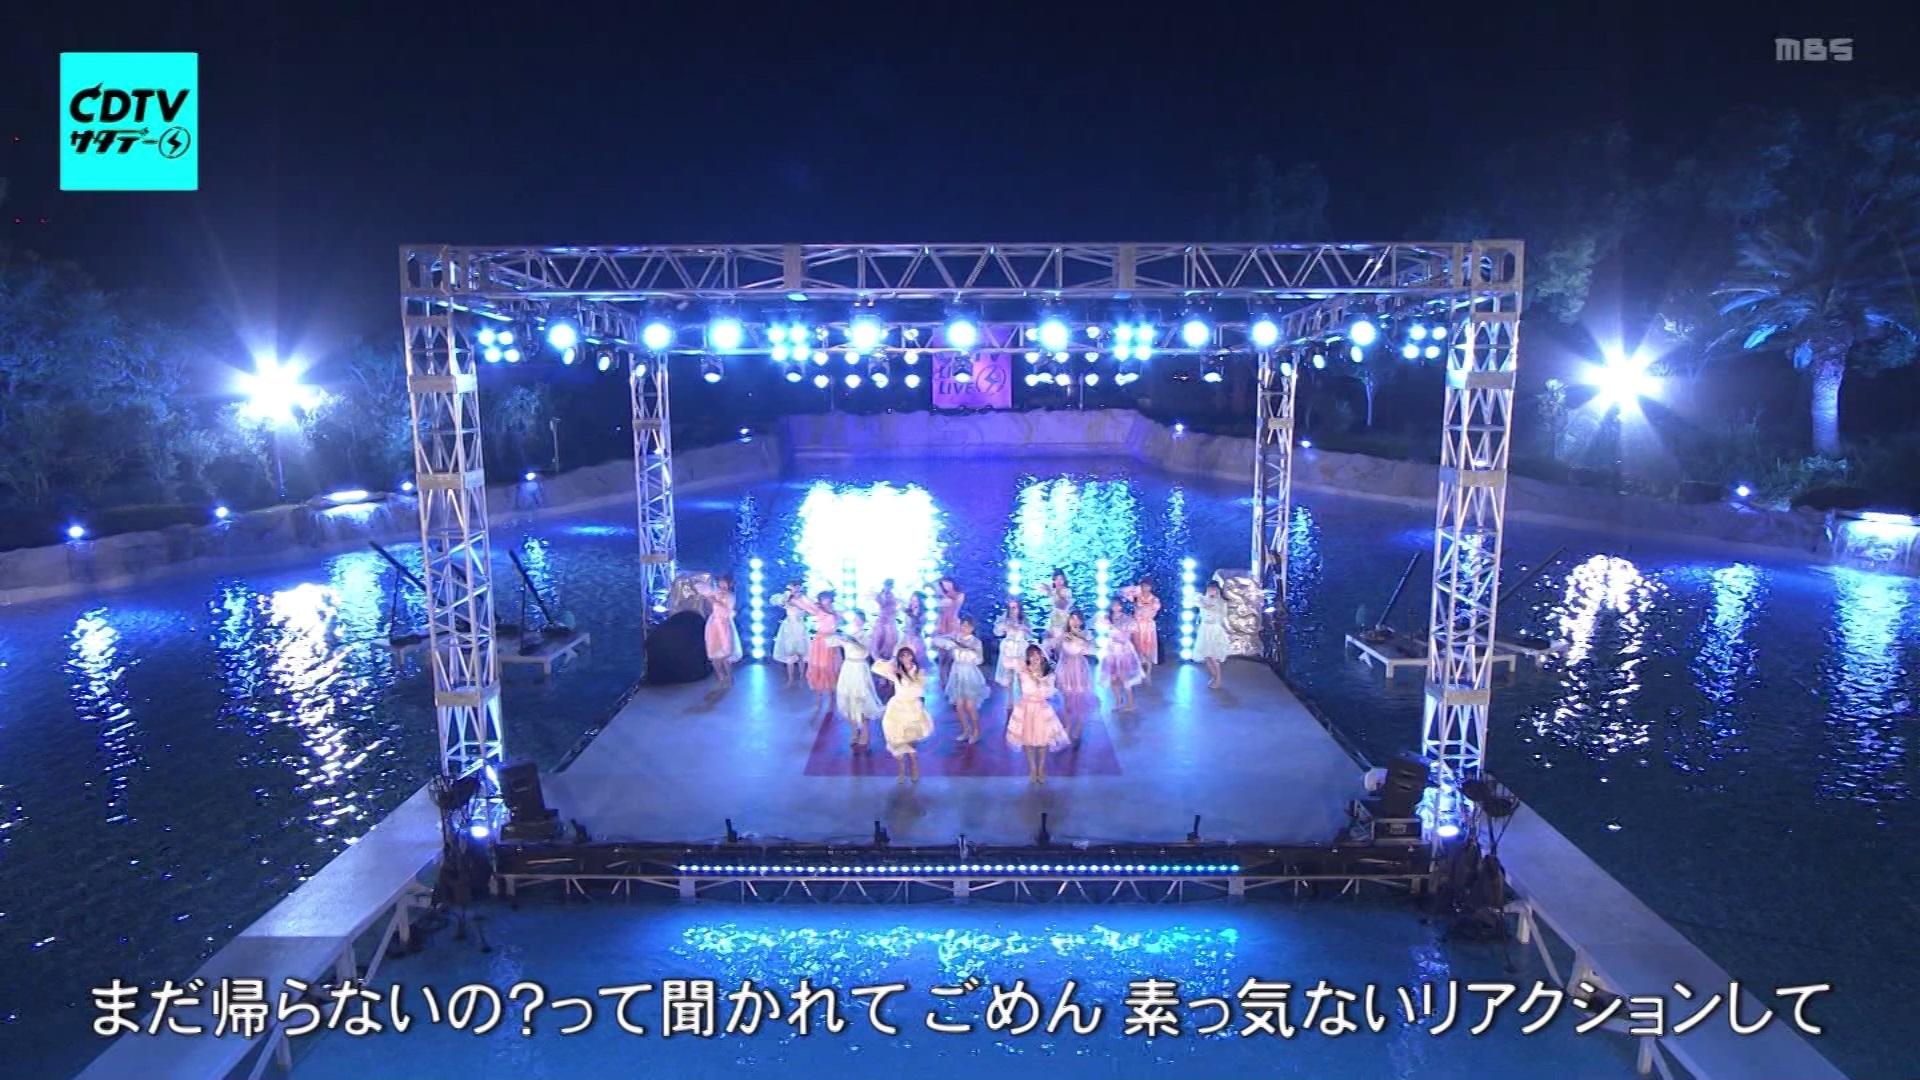 【NMB48】8月22日放送「CDTVサタデー 」の画像。